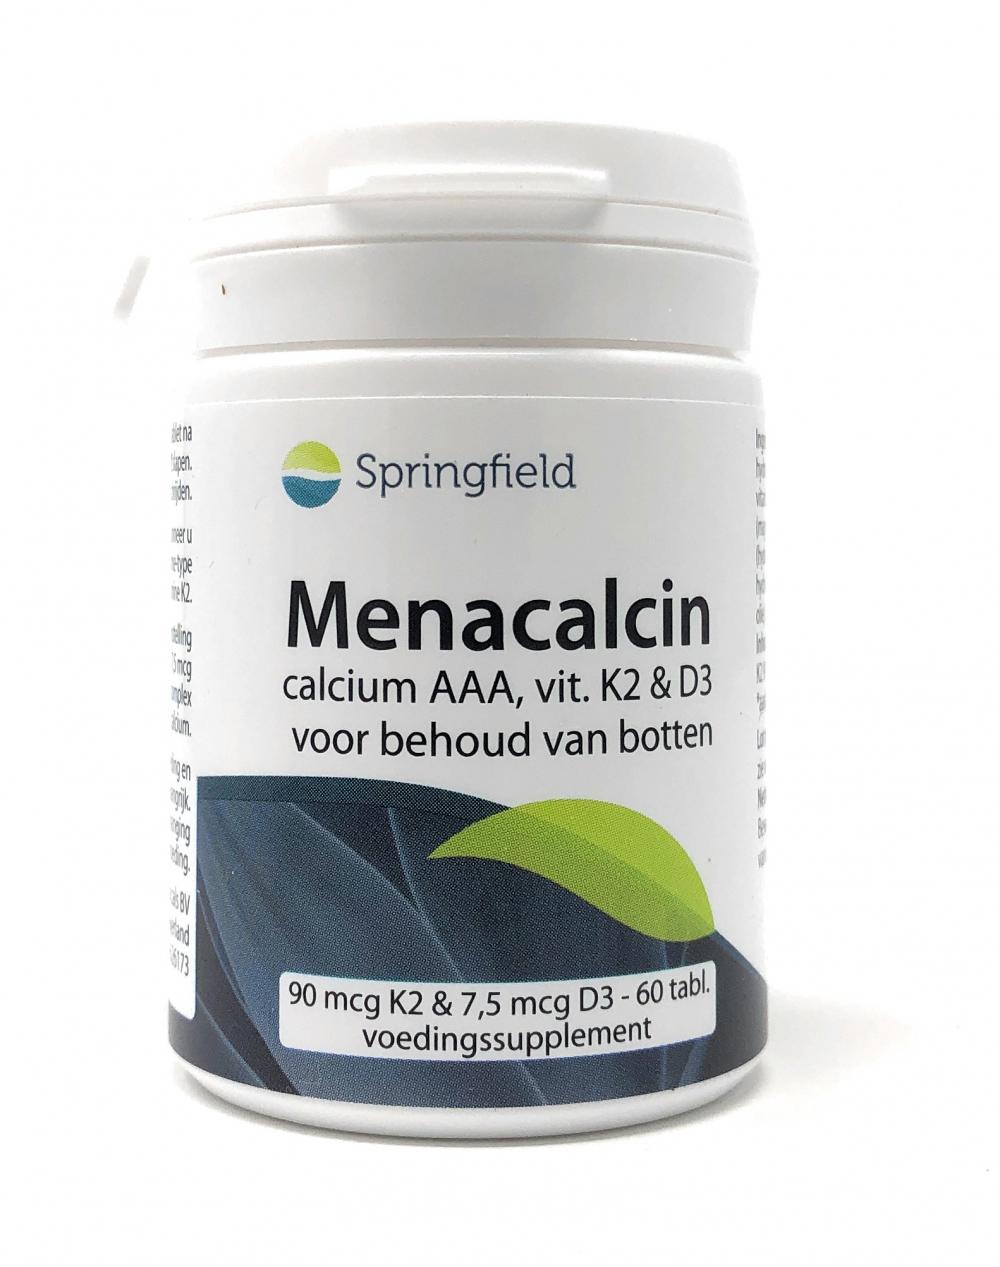 Springfield Nutraceuticals Menacalcin Calcium AAA, Vit. K2 & D3 60 Tabletten